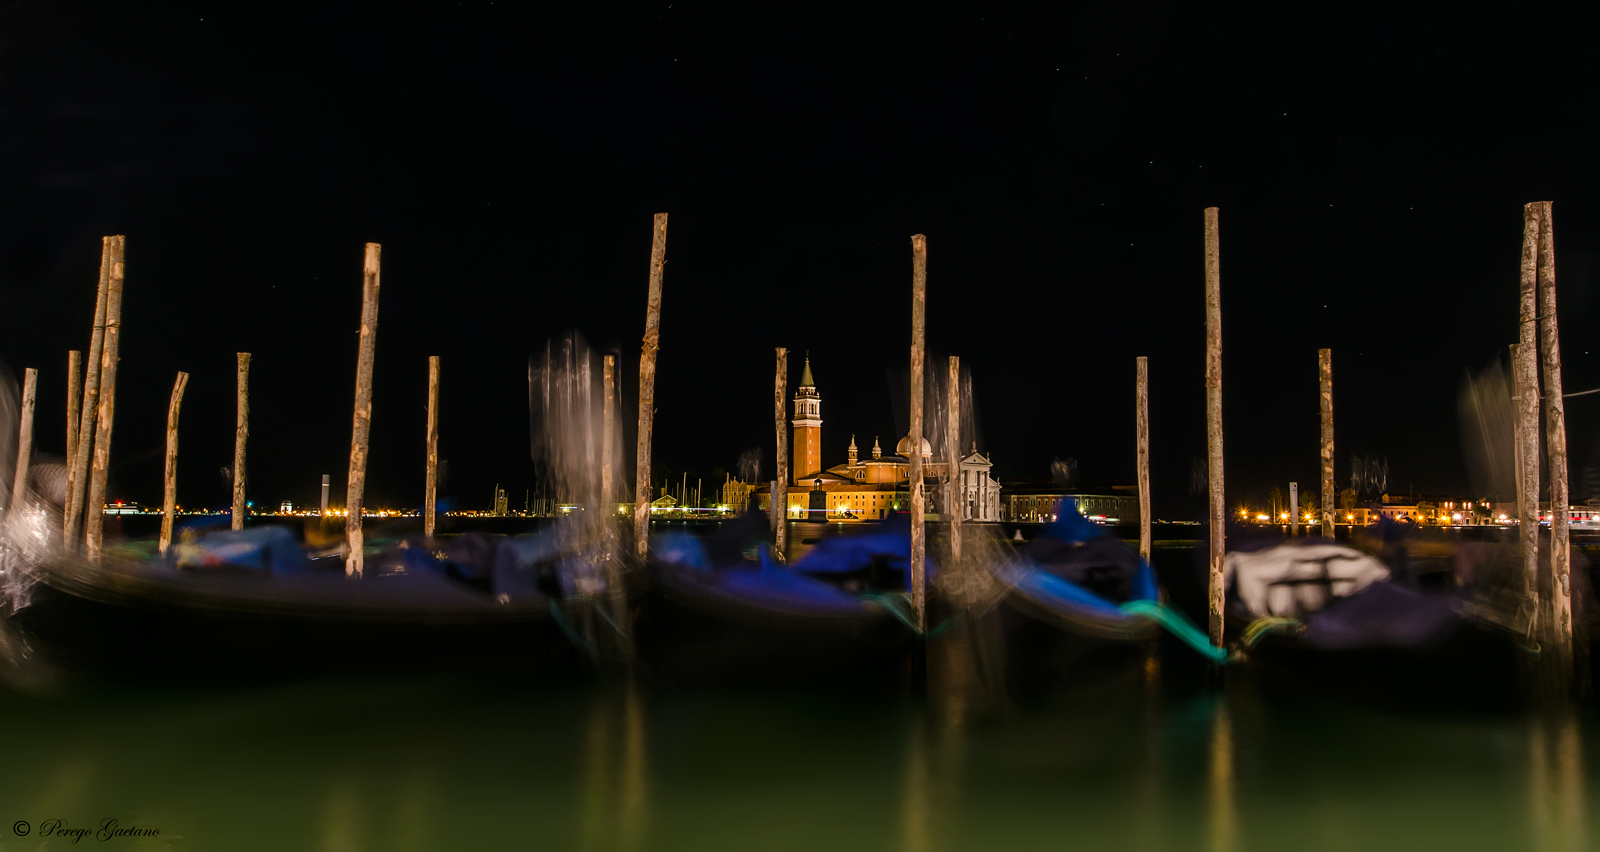 Island of San Giorgio...